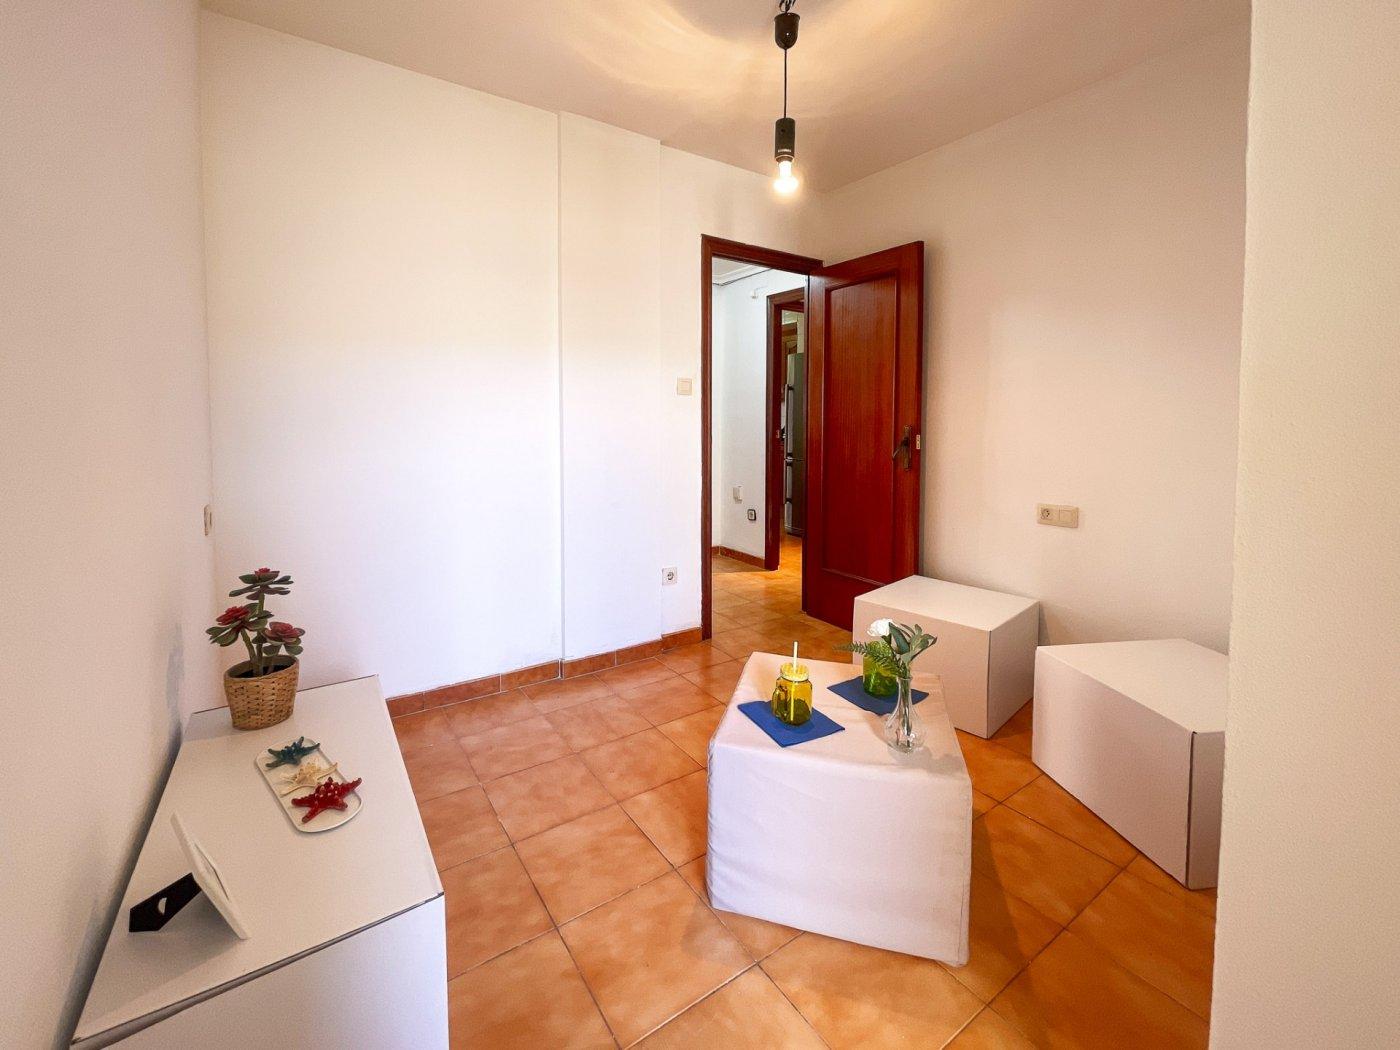 Estupendo piso muy soleado en plena avenida de la hispanidad de alcoy!! - imagenInmueble23